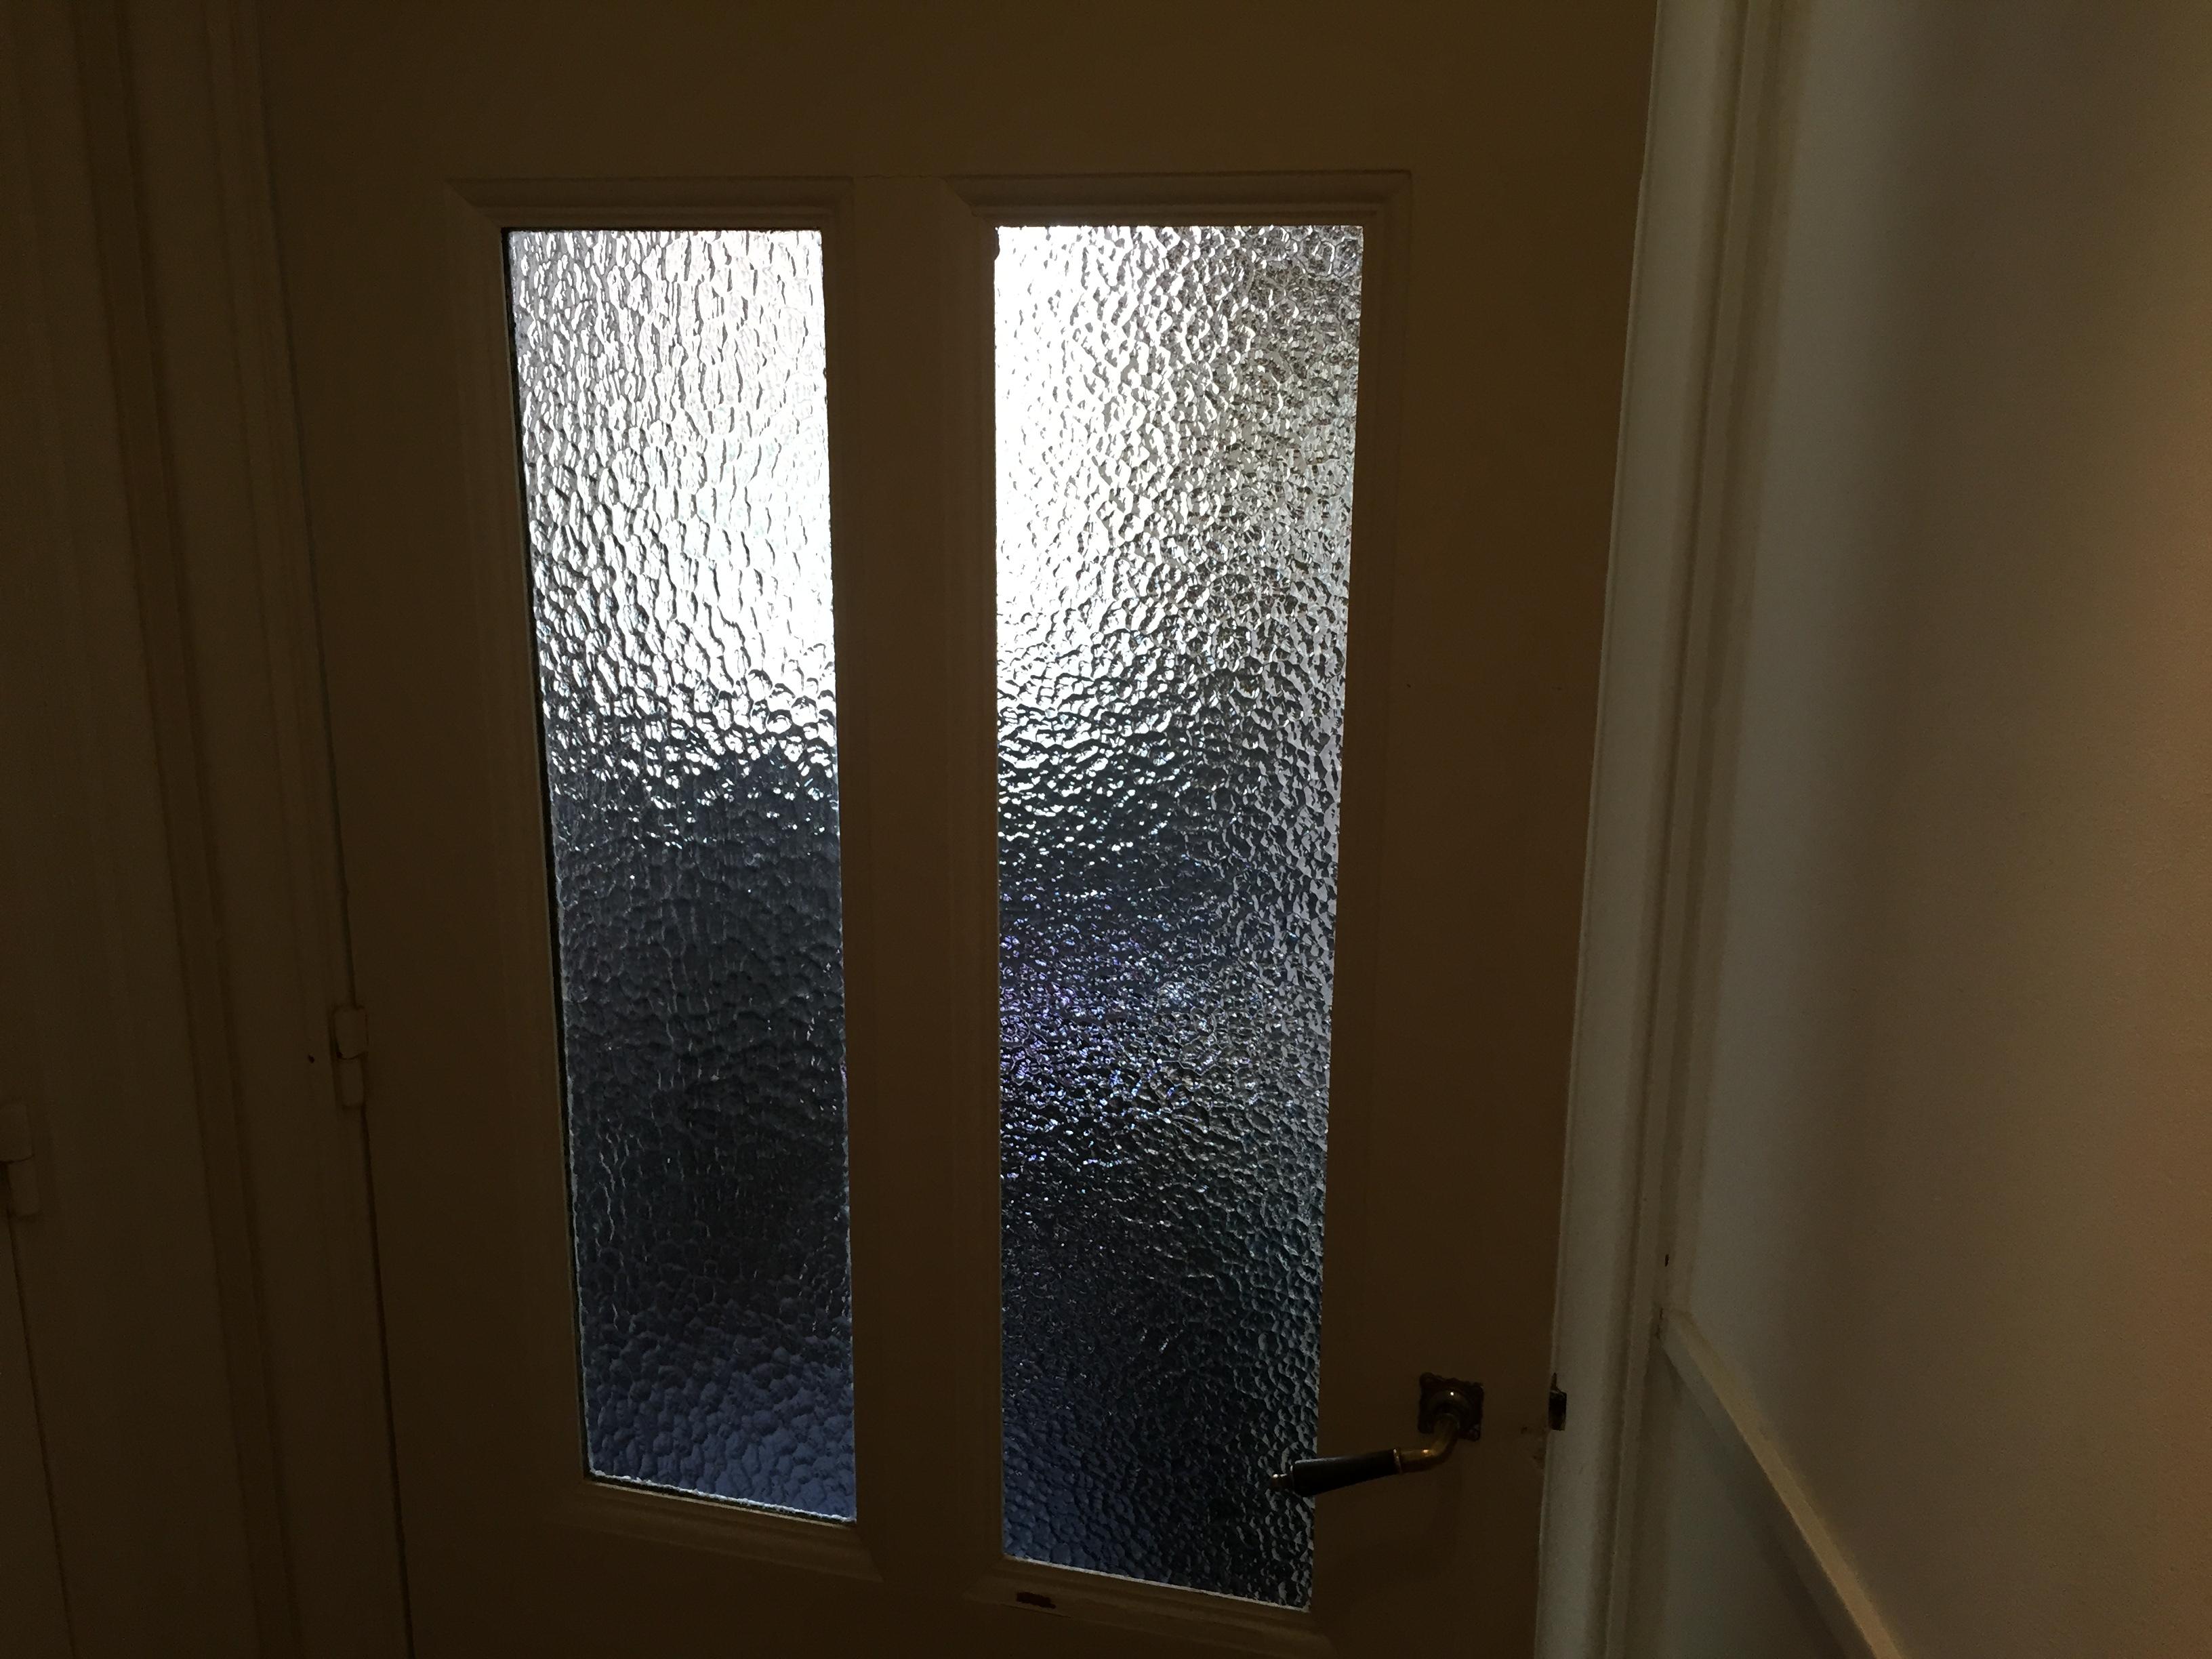 Remplacer une vitre cass e pour les makers - Remplacer une vitre de porte ...